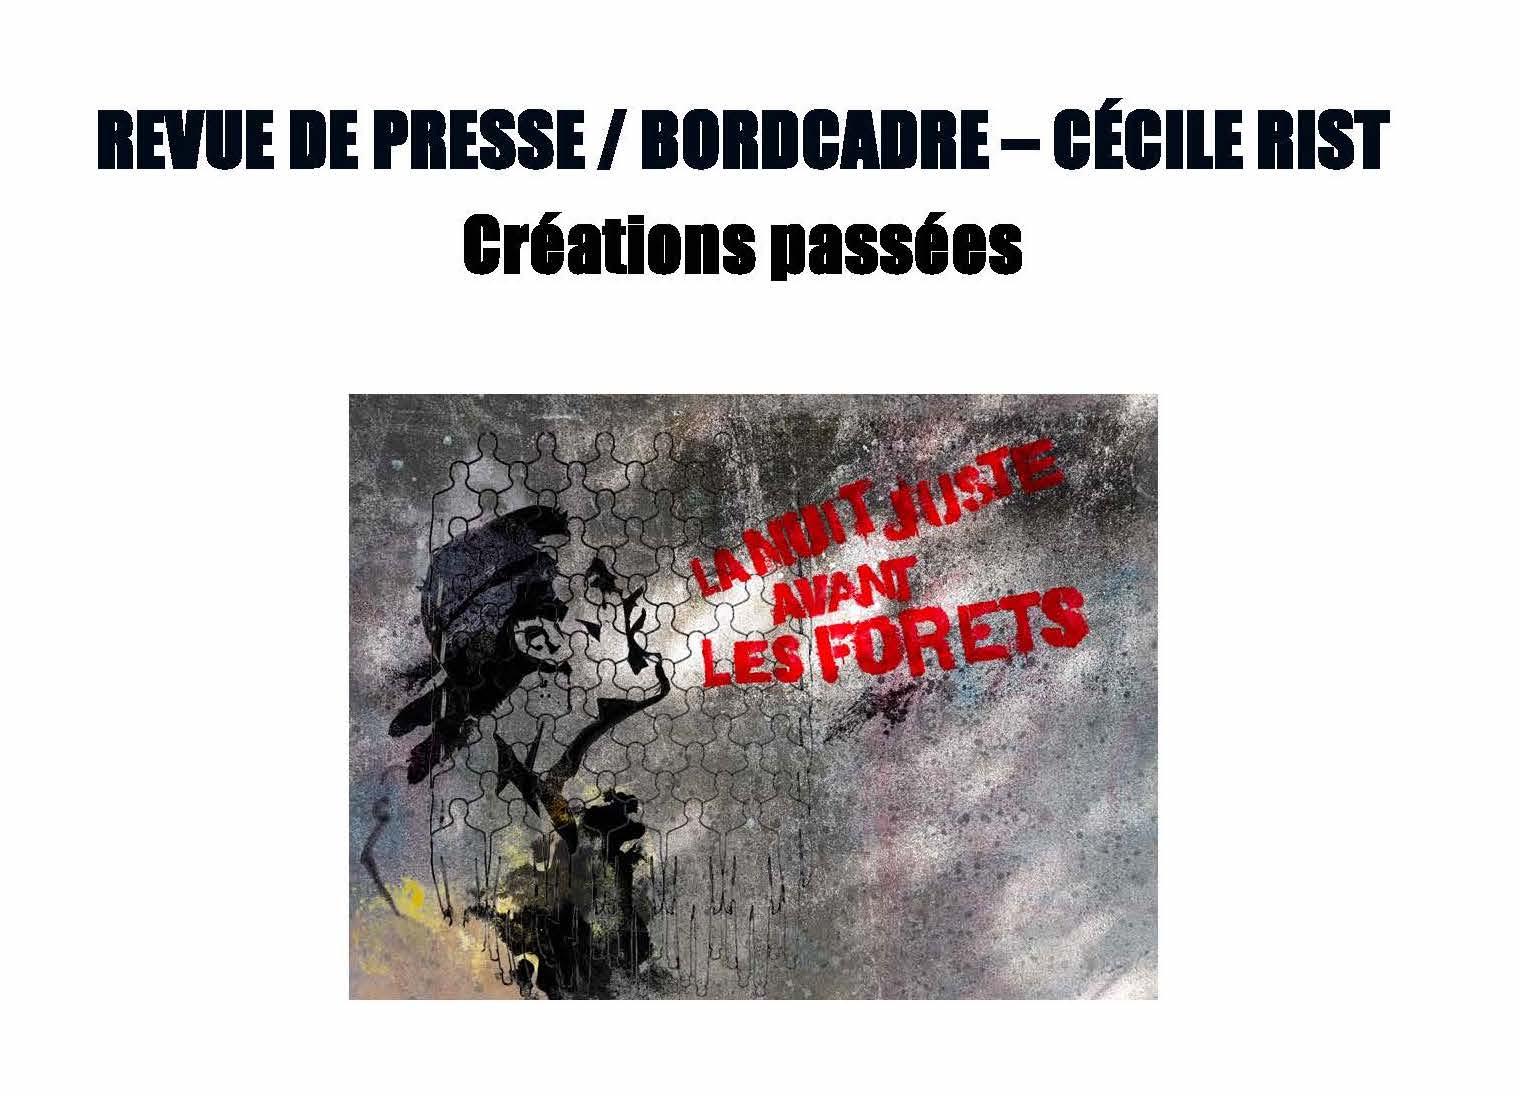 LA NUIT JUSTE AVANT LES FORÊTS - Revue de presse de BordCadre & Cécile Rist_Page_01 copie